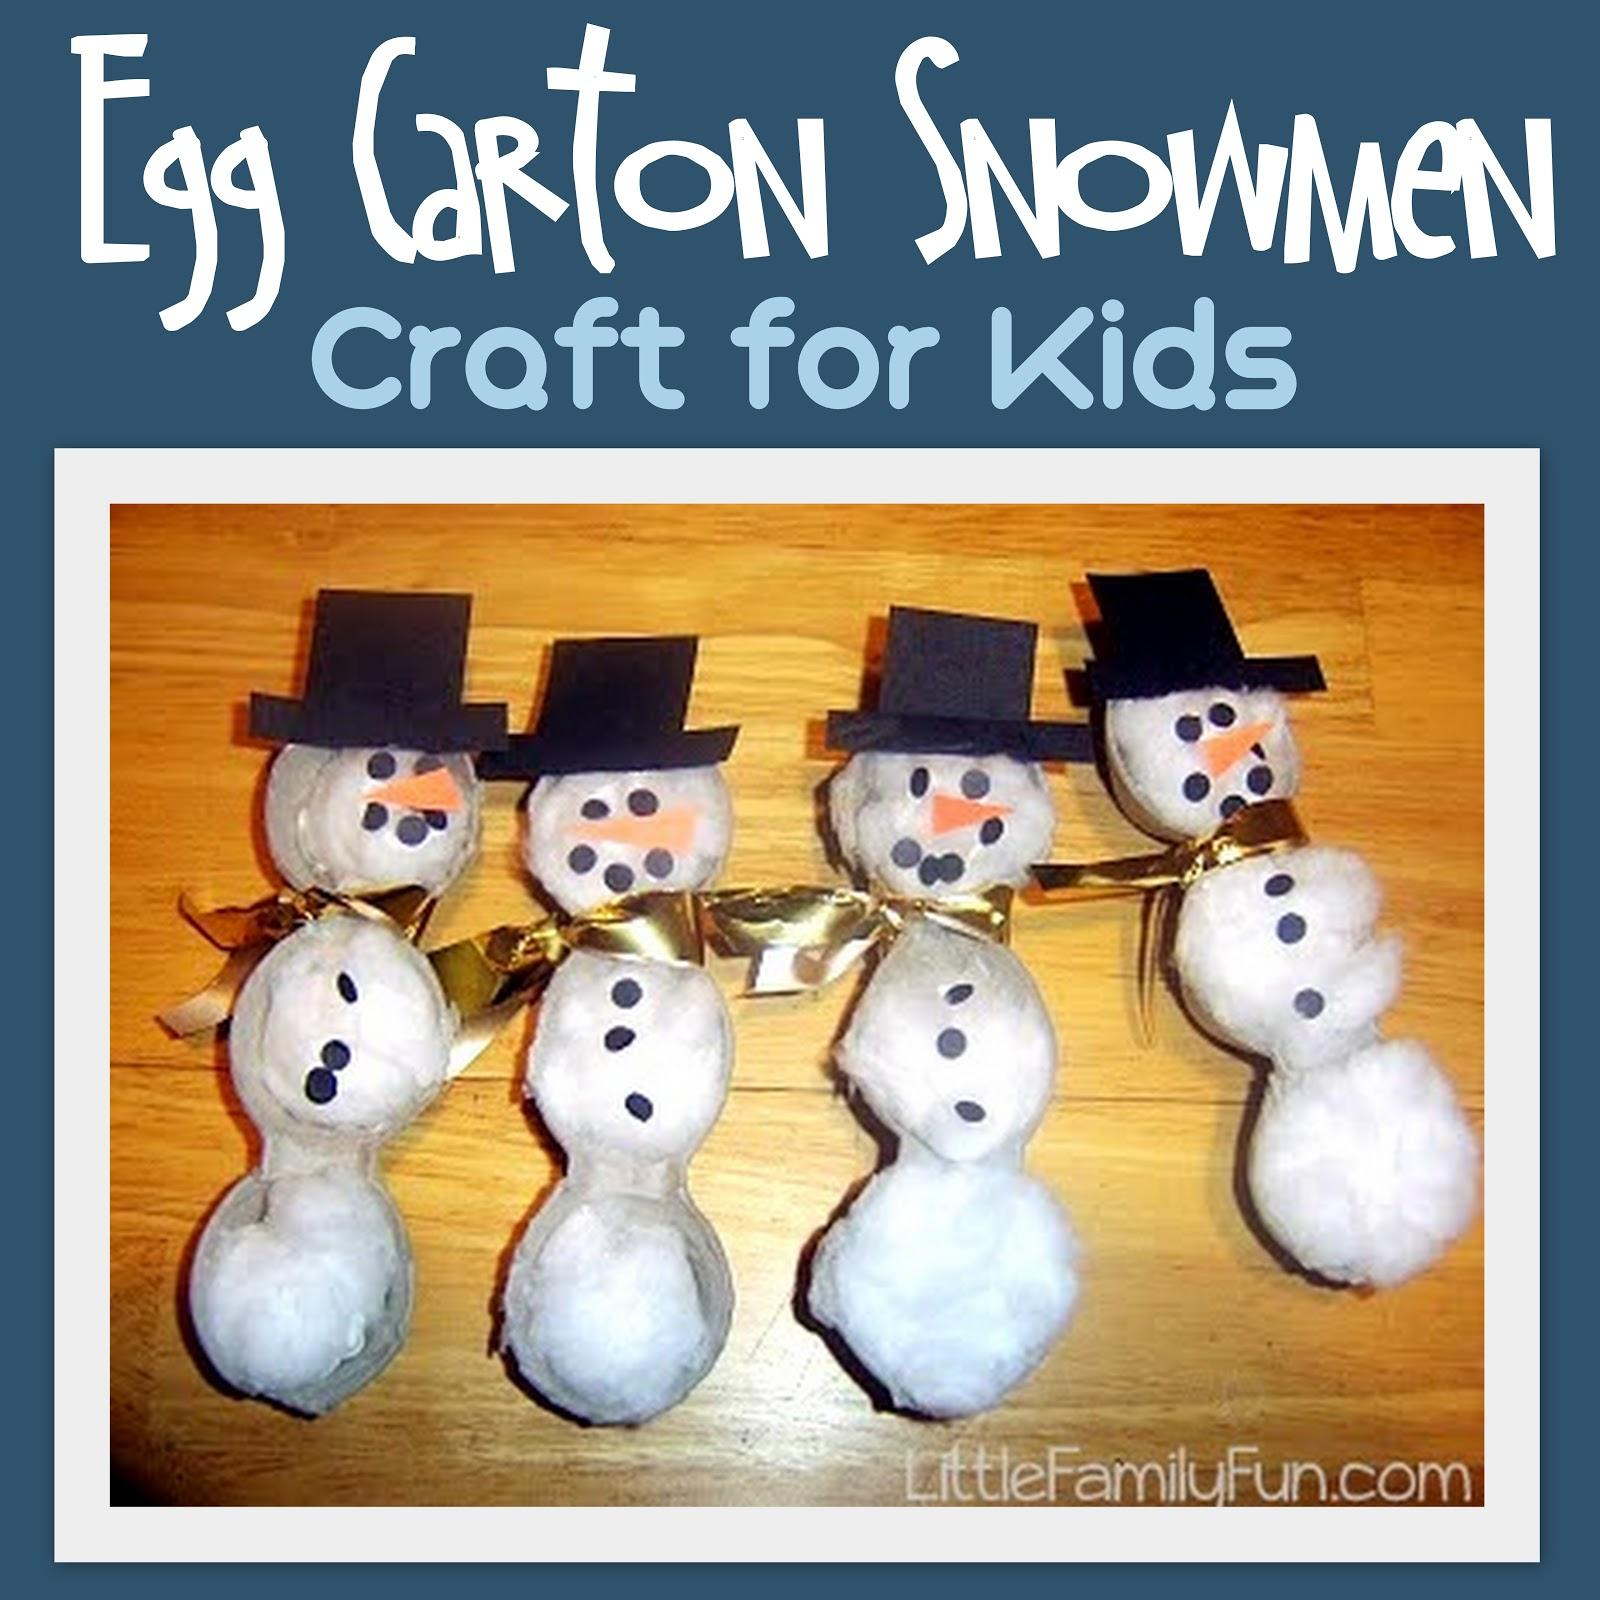 Dec 19 egg carton snowmen for Egg carton christmas crafts